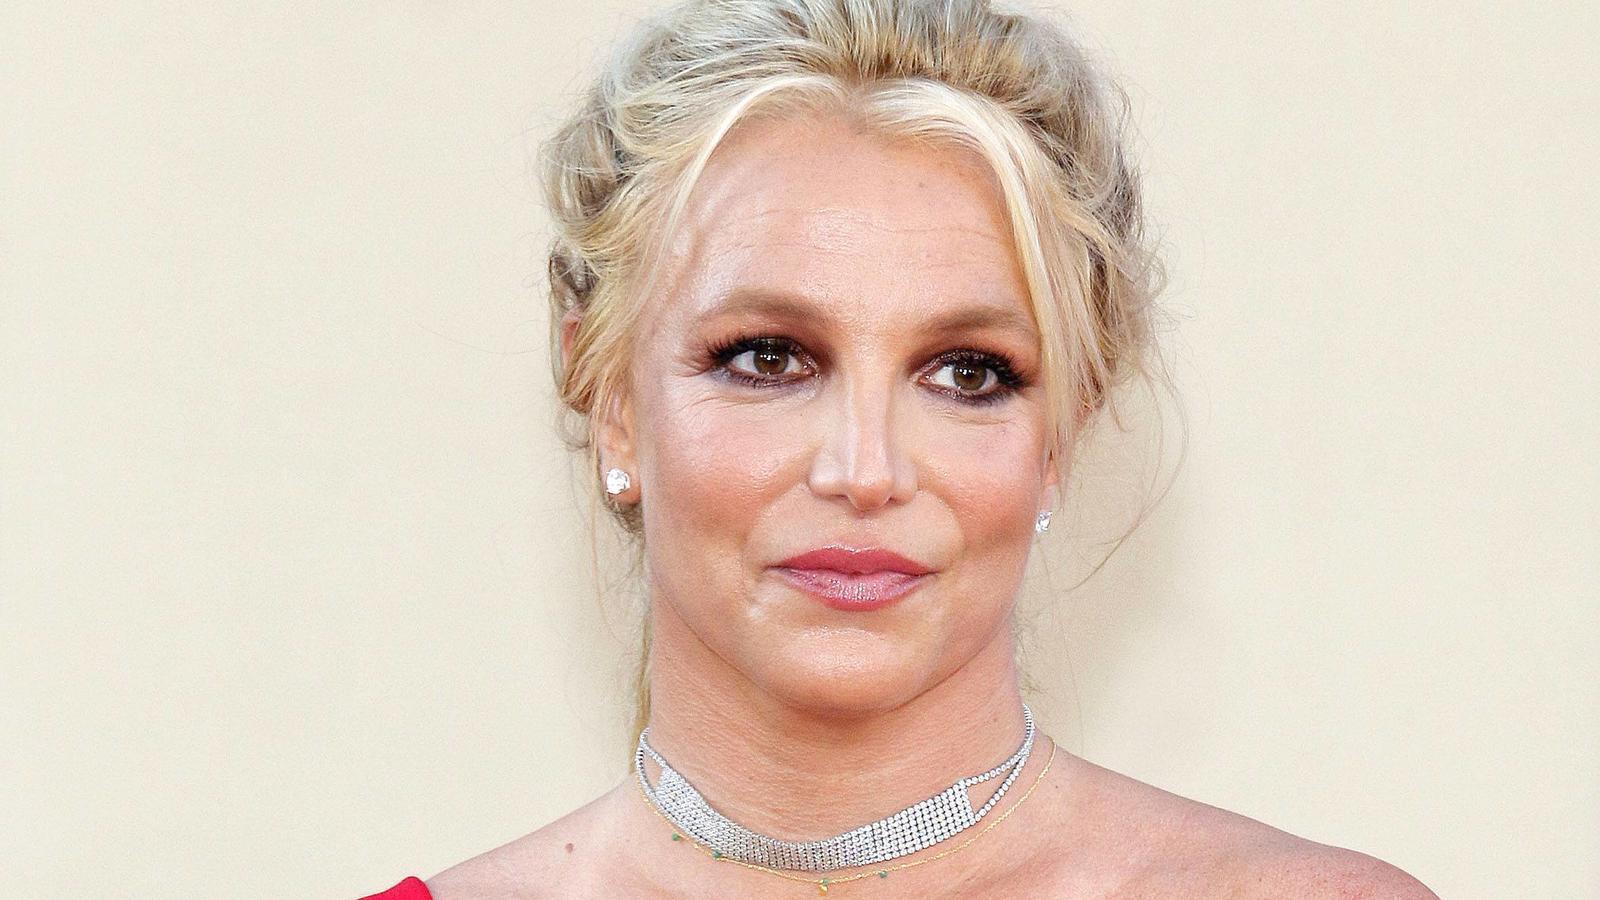 Britney Spears äußert sich kritisch zu den Dokumentationen über ihr Leben.